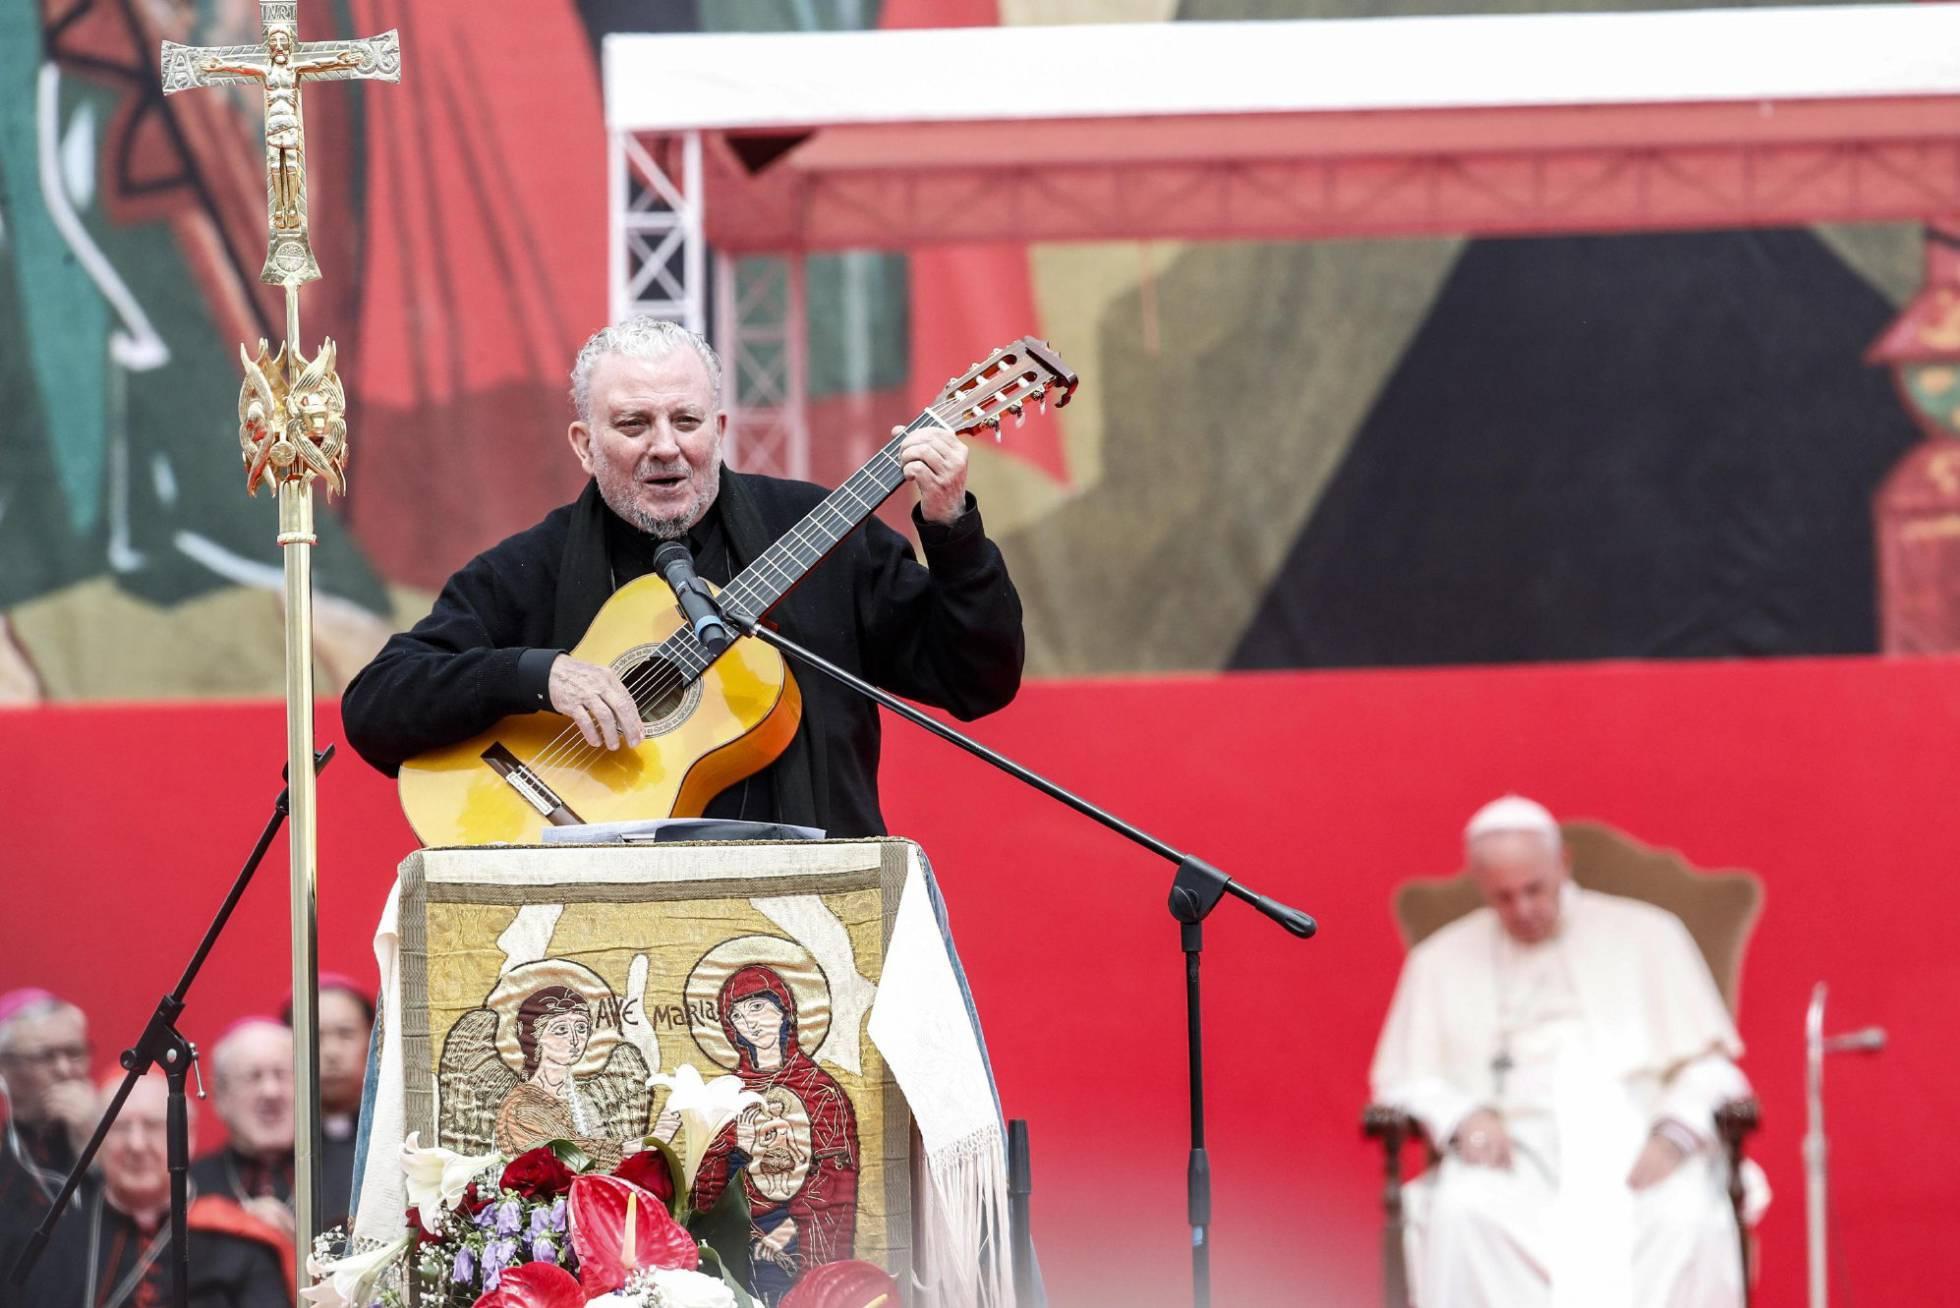 Organizaciones católicas: Camino Neocatecumenal [kikos] y demás. 1525885861_324010_1525885996_noticia_normal_recorte1